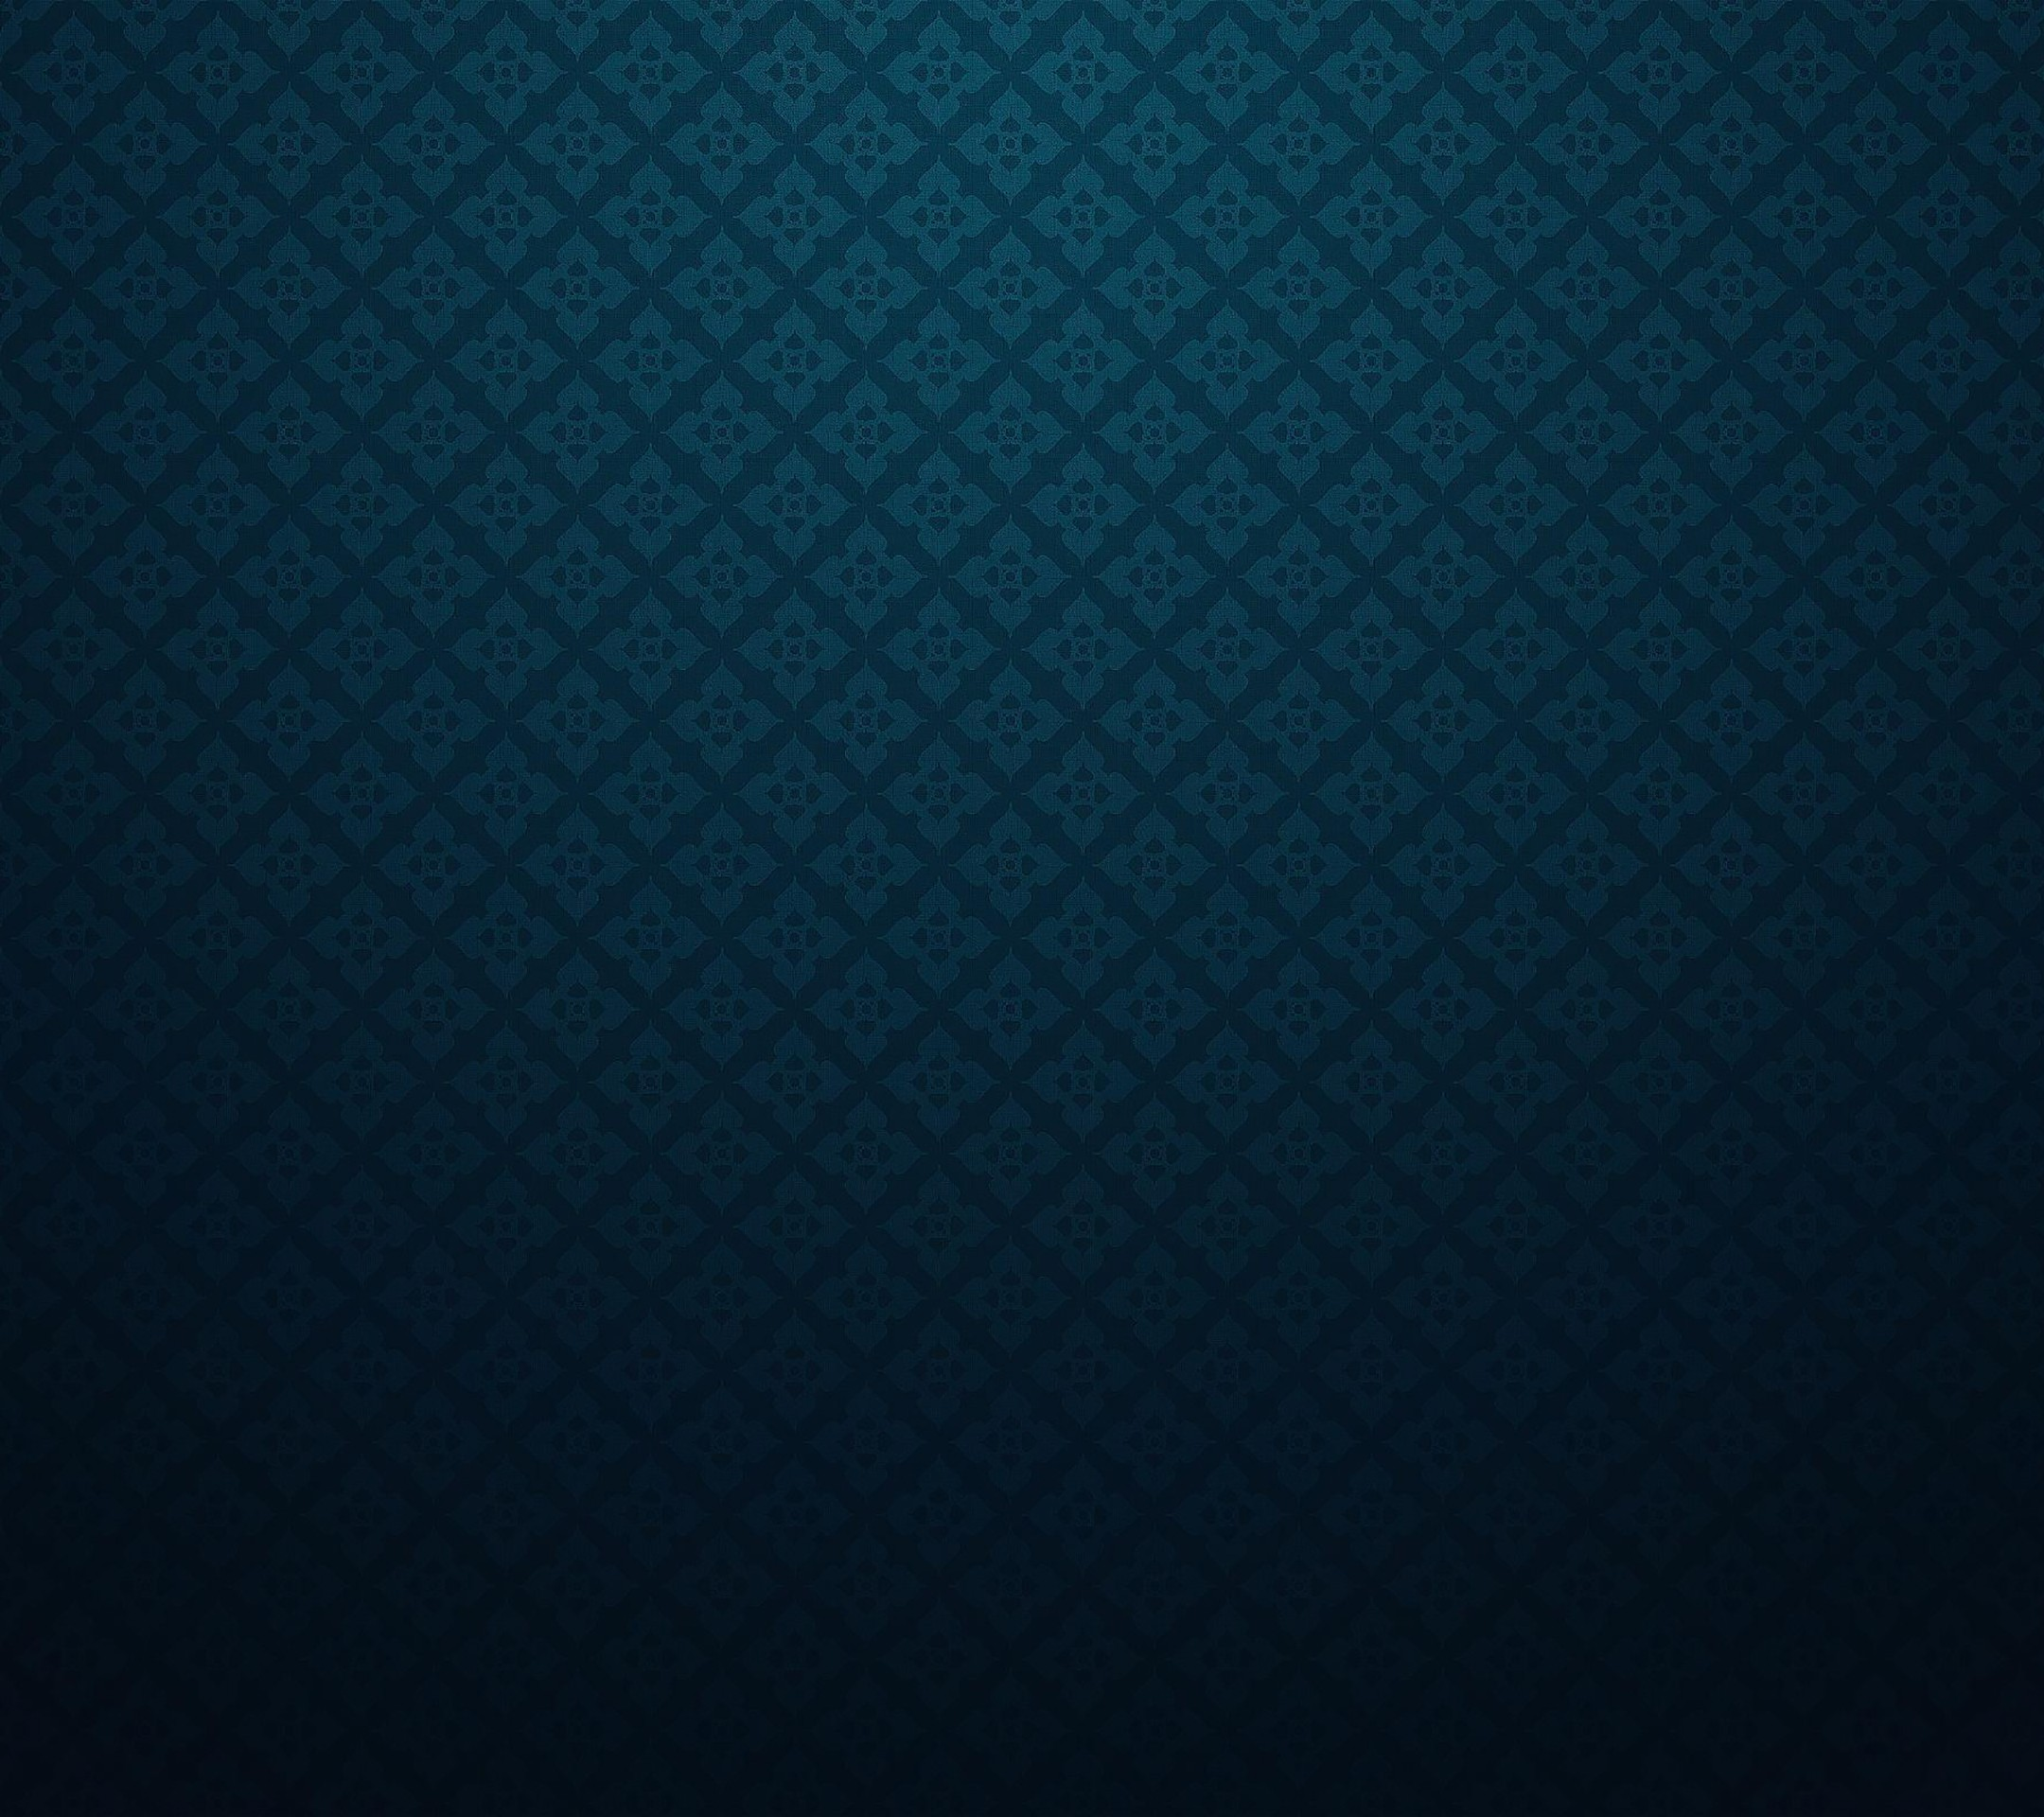 Fondo de pantalla azul retro ringtina for Fondo azul oscuro